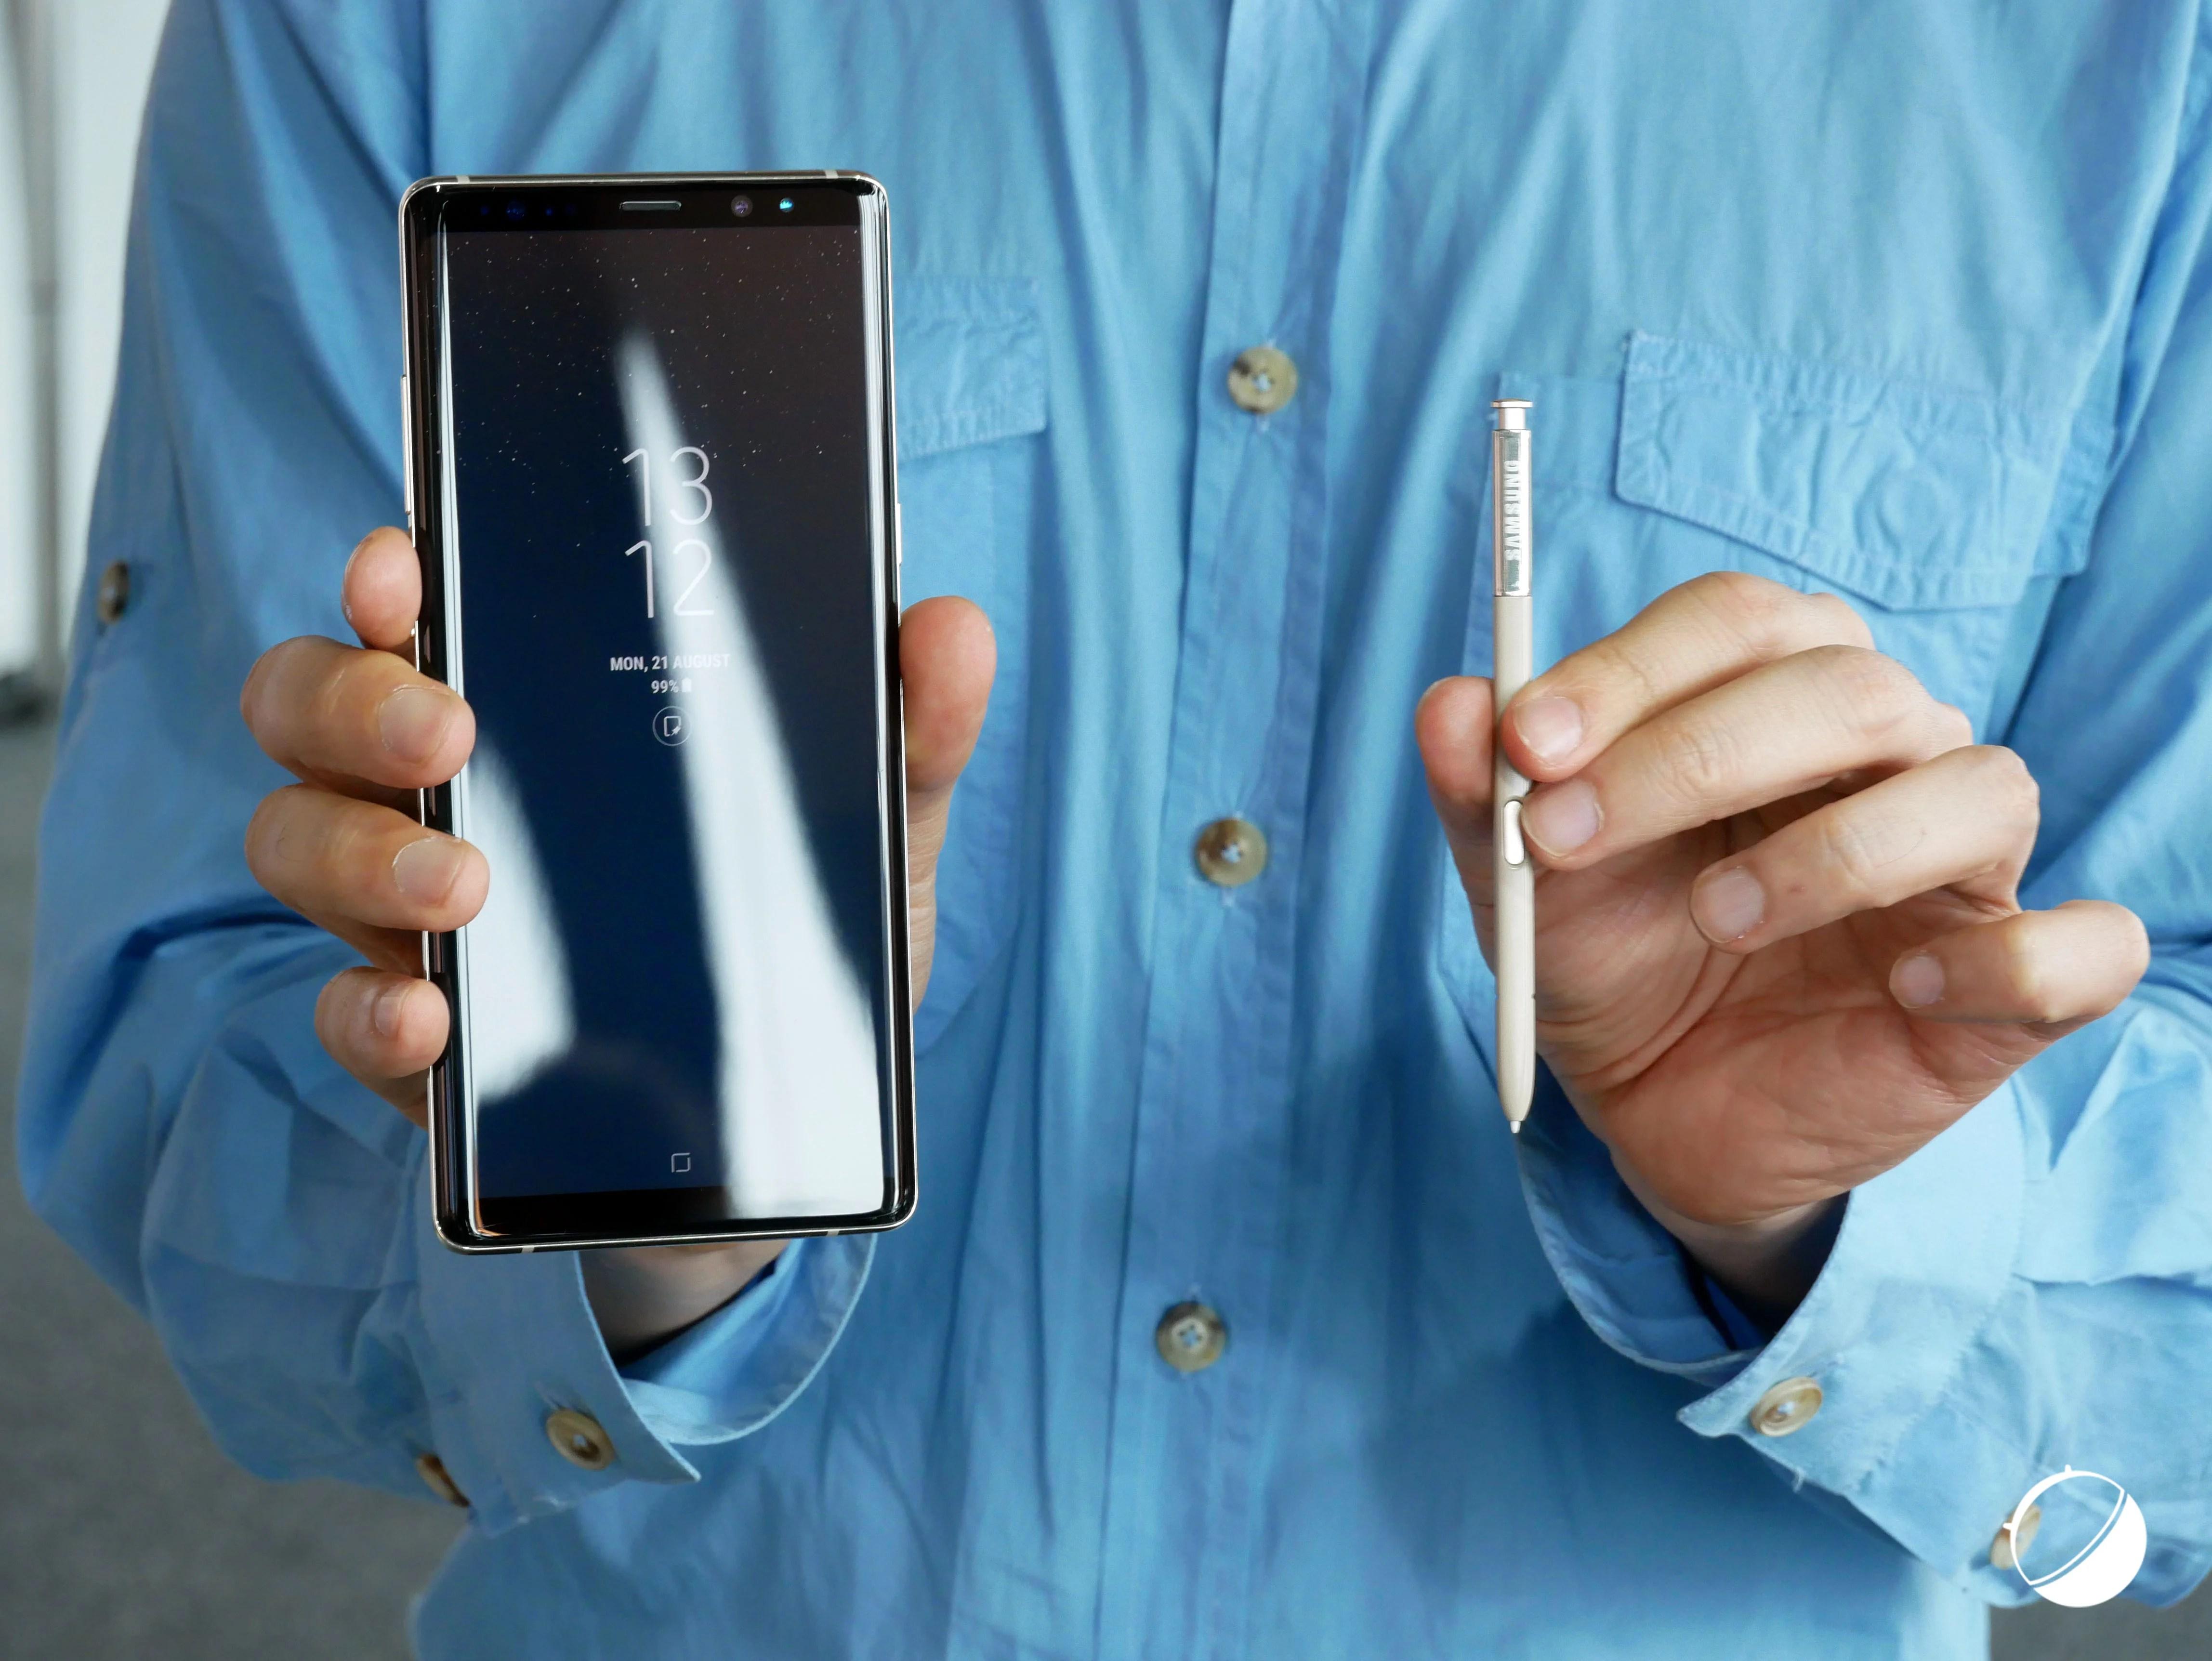 Samsung Galaxy Note 7 explosifs : la marque remercie ses fans fidèles dans une pub